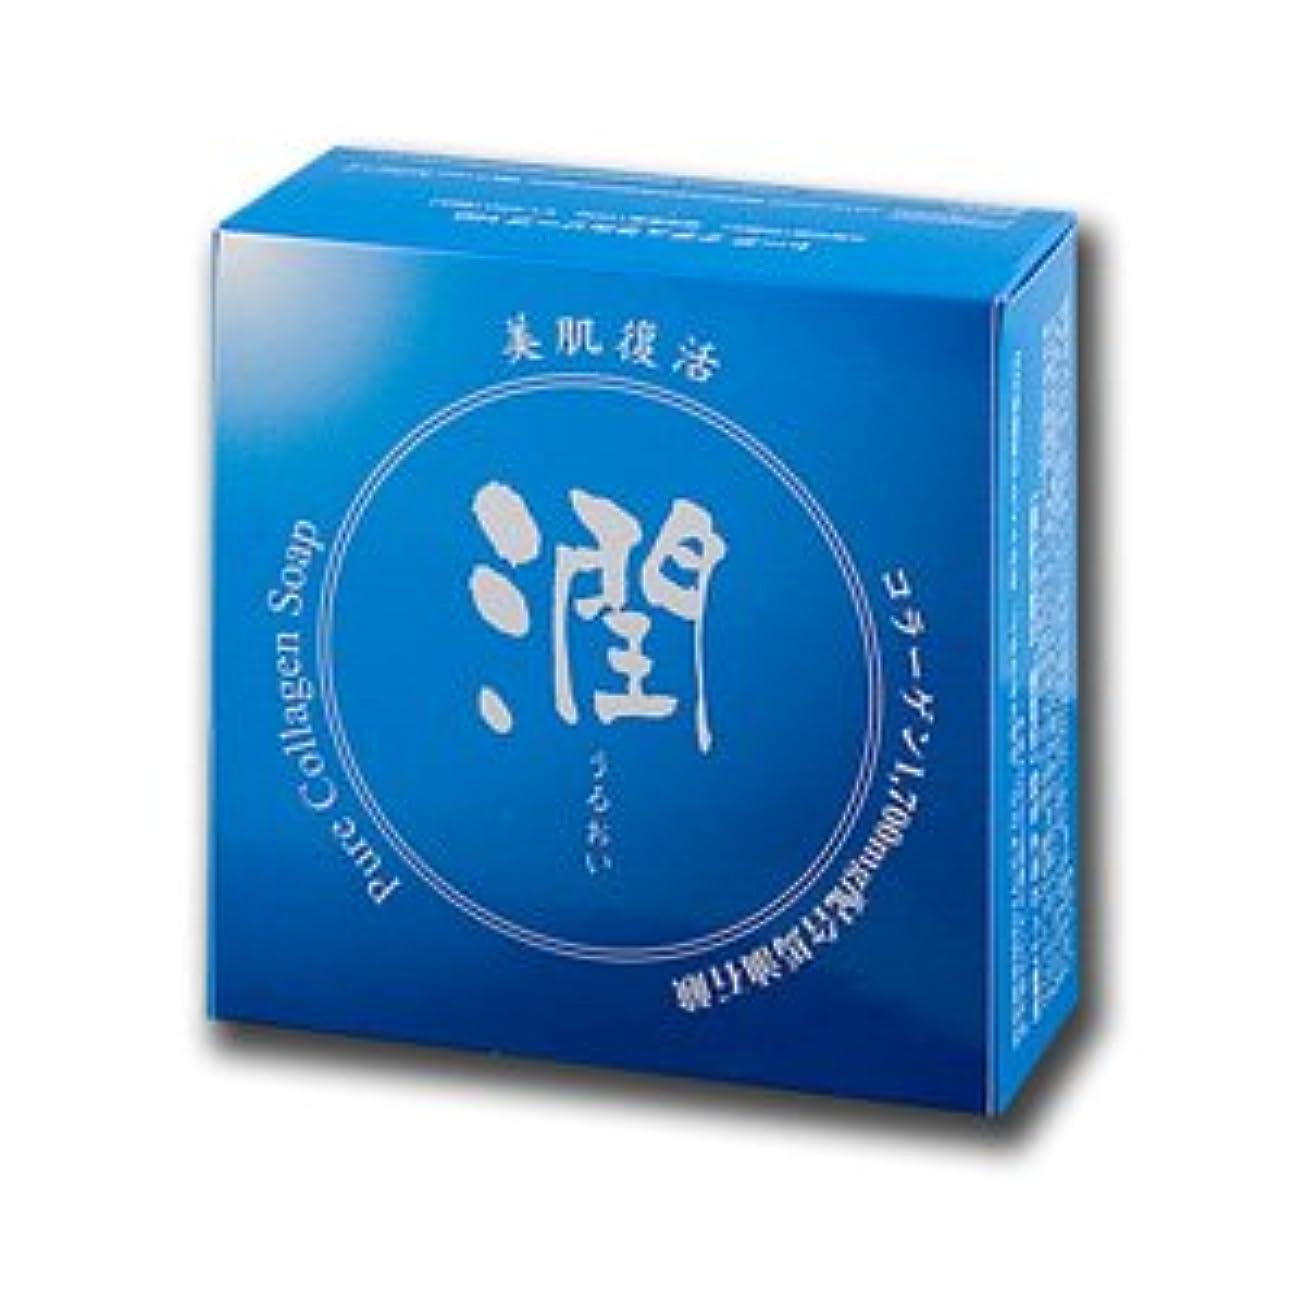 ロンドンパンダ人柄コラーゲン馬油石鹸 潤 100g (#800410) ×5個セット